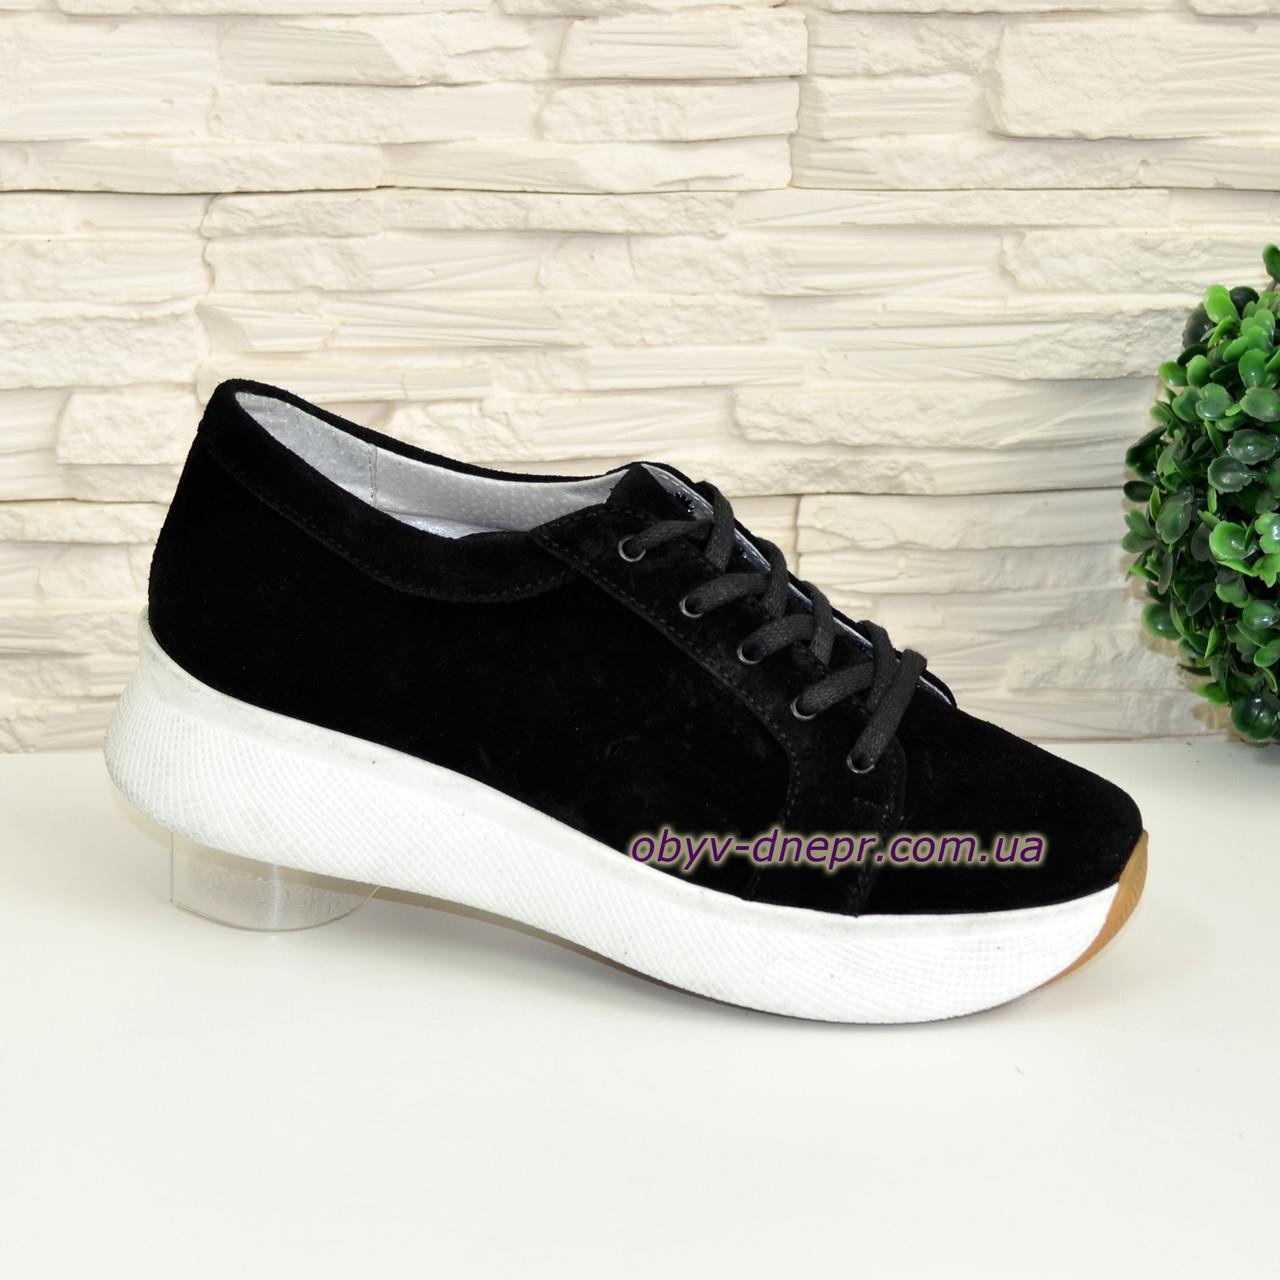 Кроссовки замшевые женские на утолщенной подошве, цвет черный